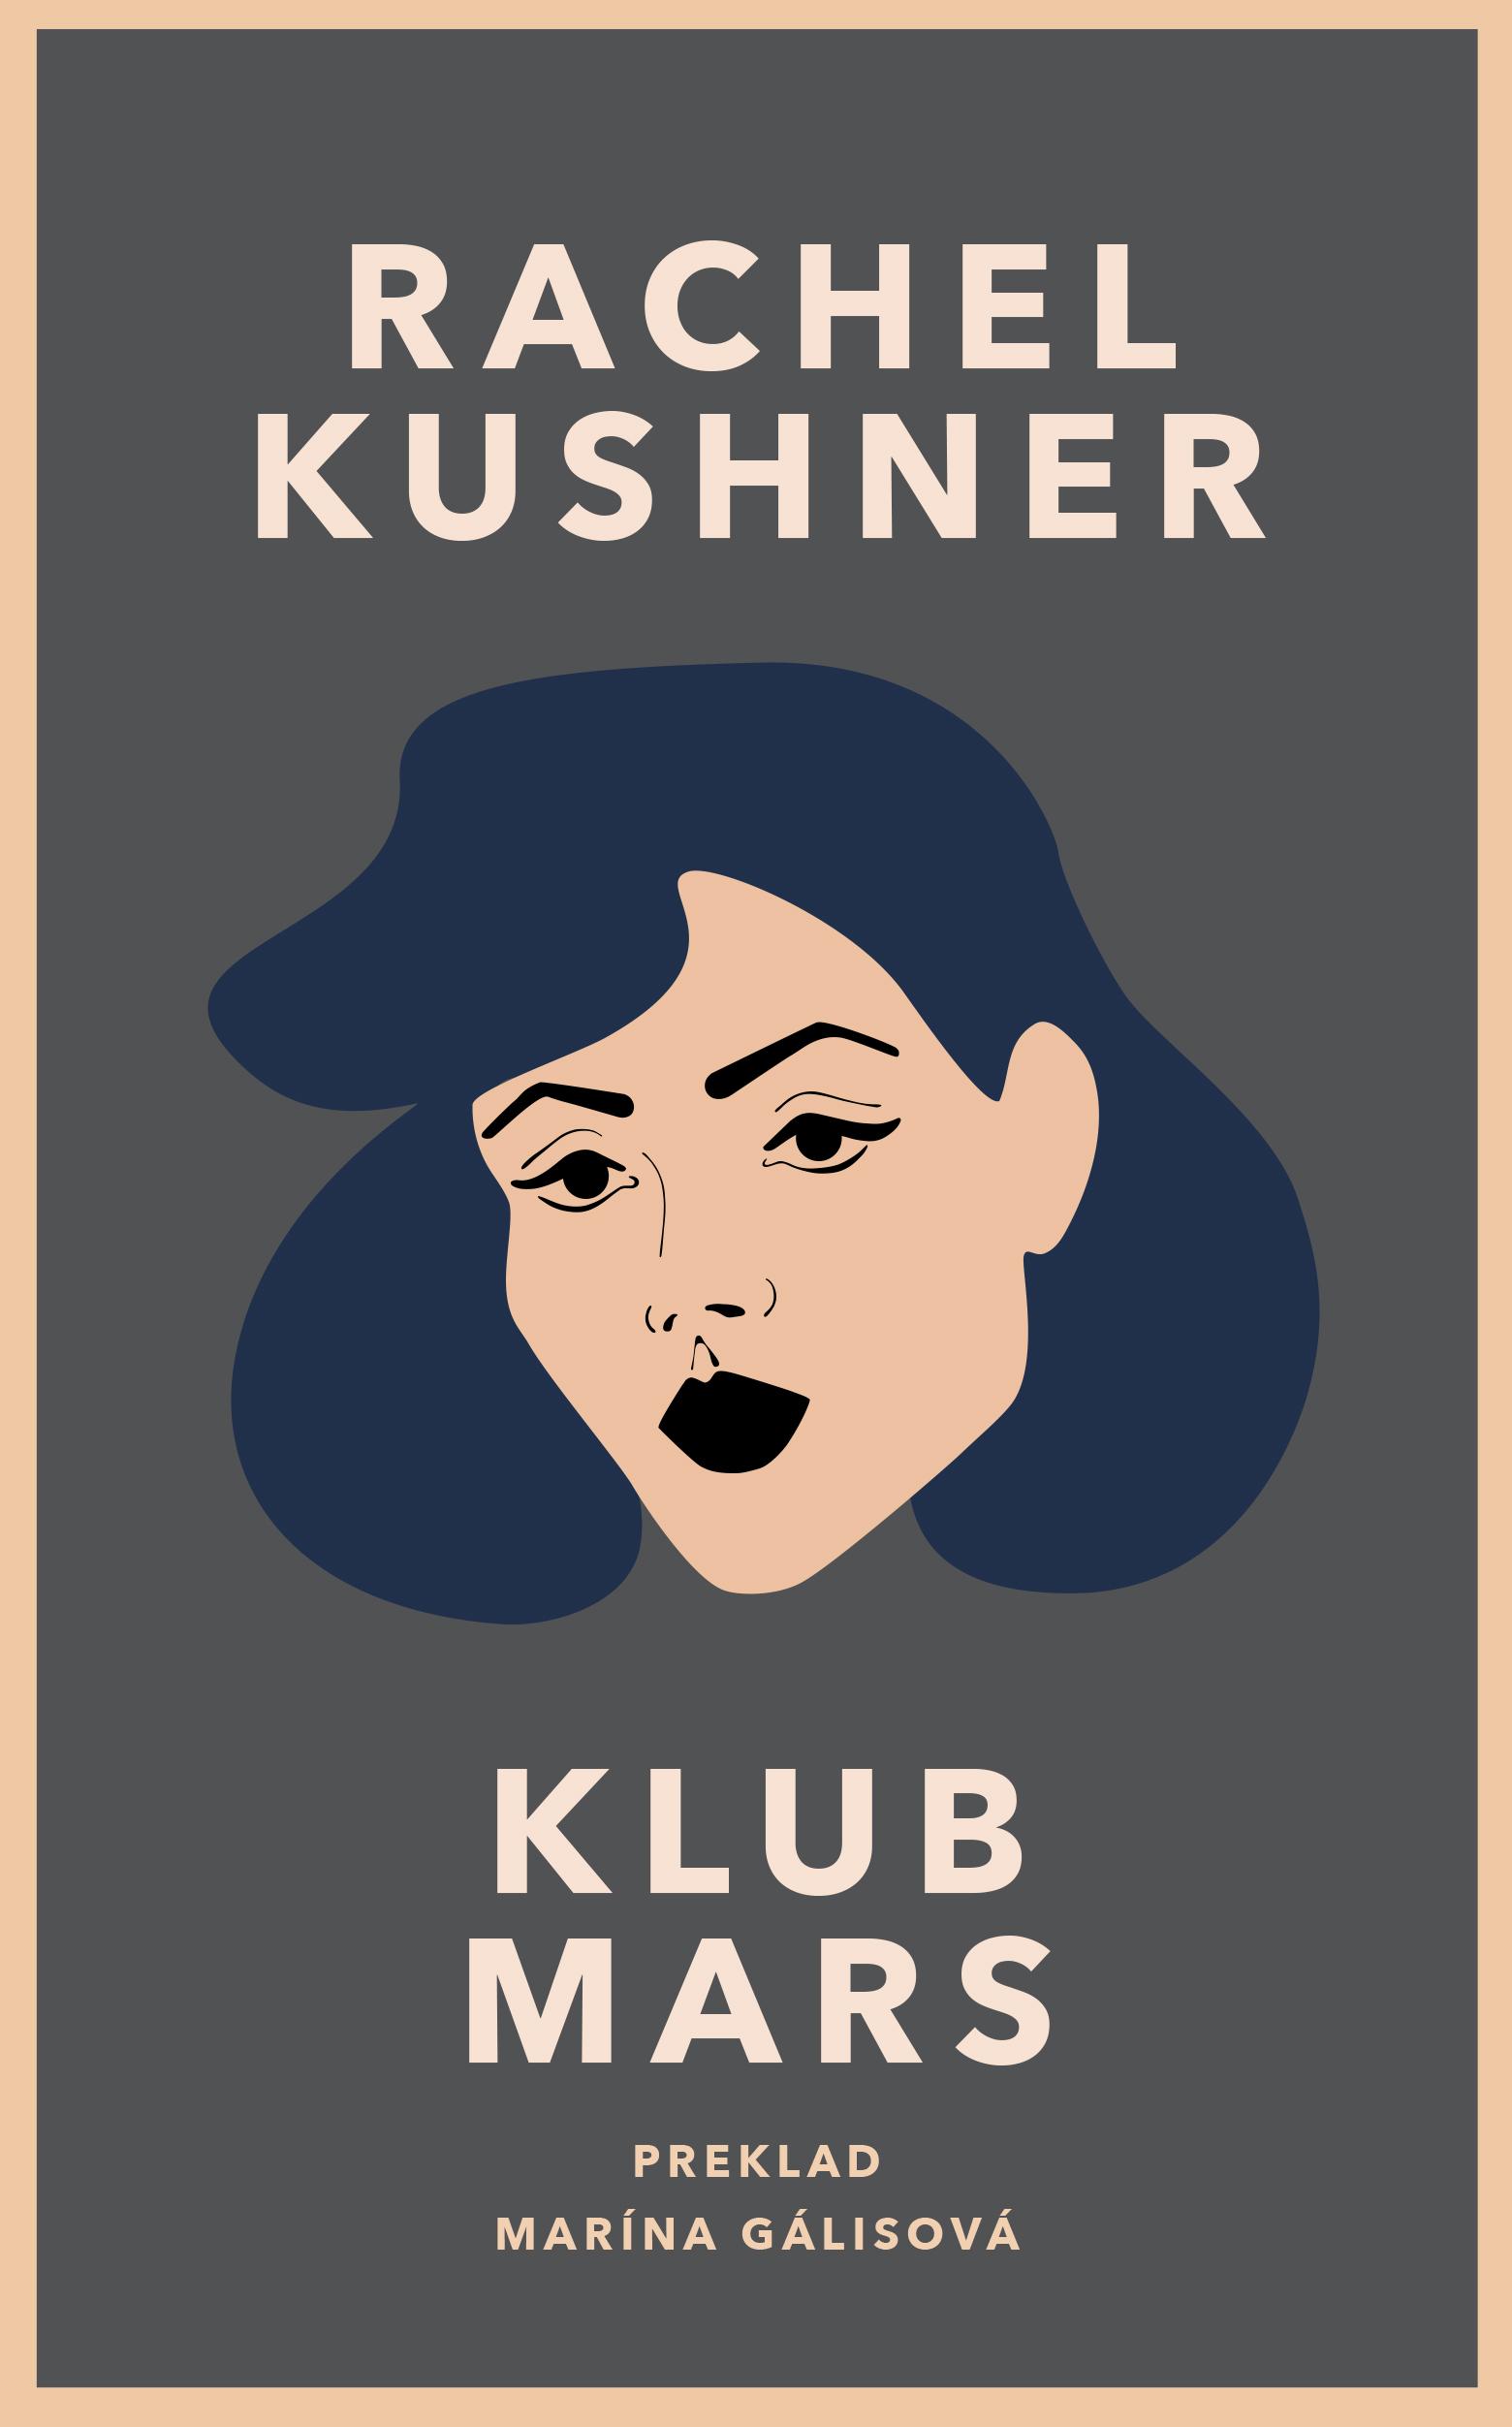 Rachel Kushner_Mars